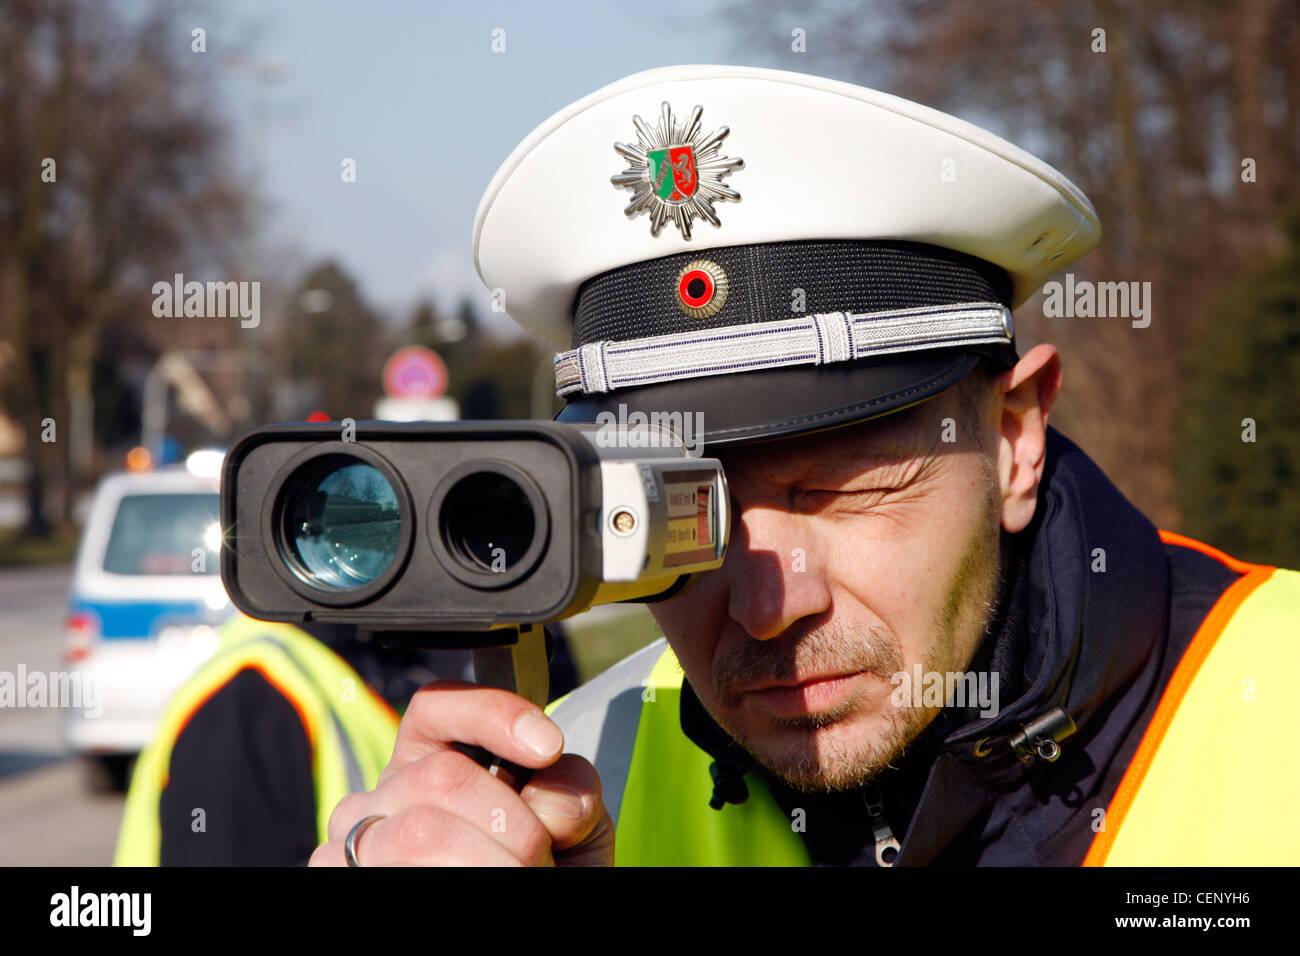 Contrôle de police, contrôle de la vitesse de circulation par un système de mesure au laser. Photo Stock